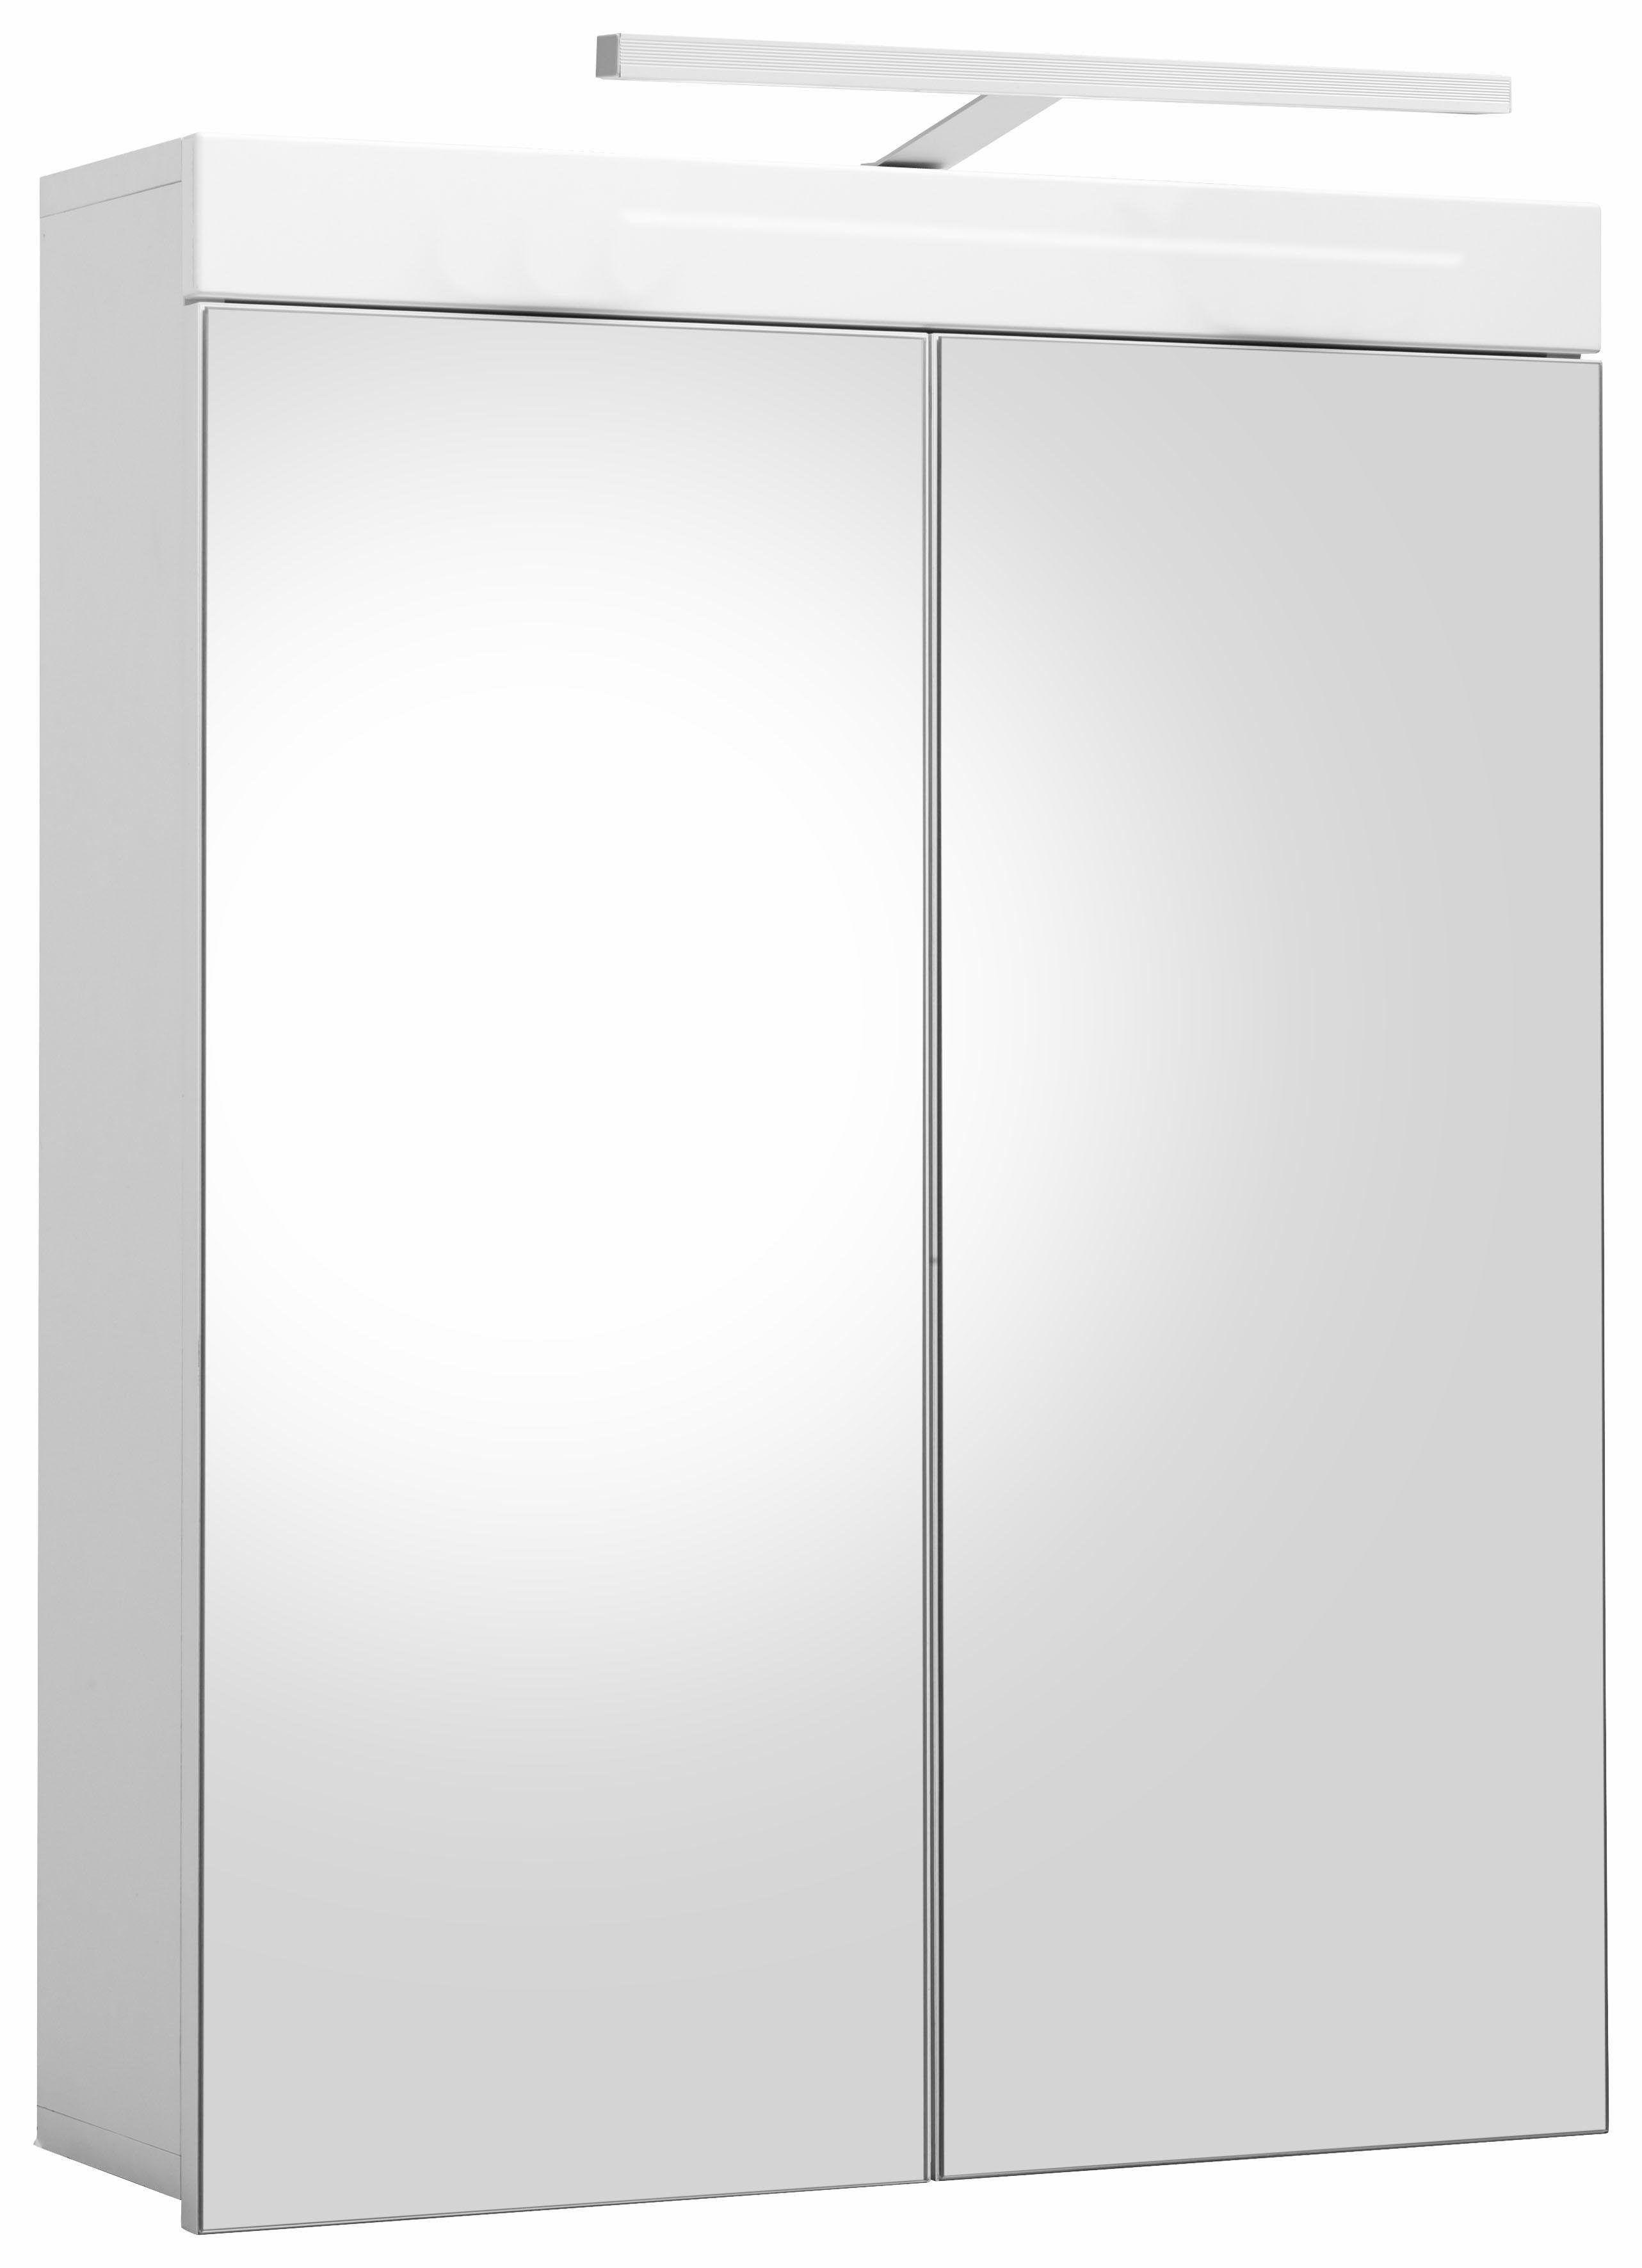 Welltime Spiegelschrank Amanda Weiss Pflegeleichte Oberflache Fsc Zertifiziert Jetzt Bestellen Unte Spiegelschrank Spiegelschranke Furs Bad Led Beleuchtung